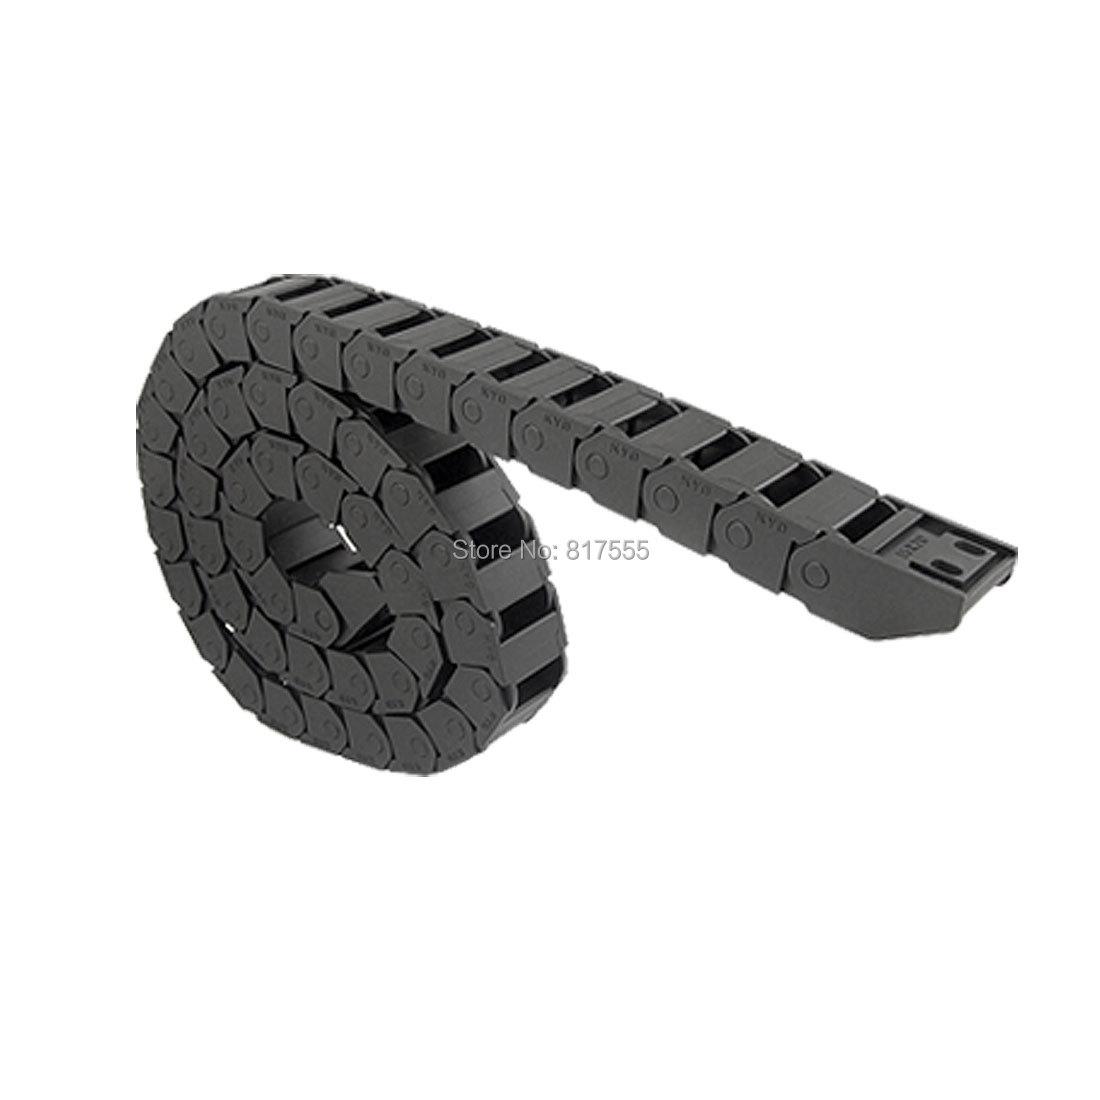 Machine Tool Plastic Towline Drag Chain Black 15 x 20mm